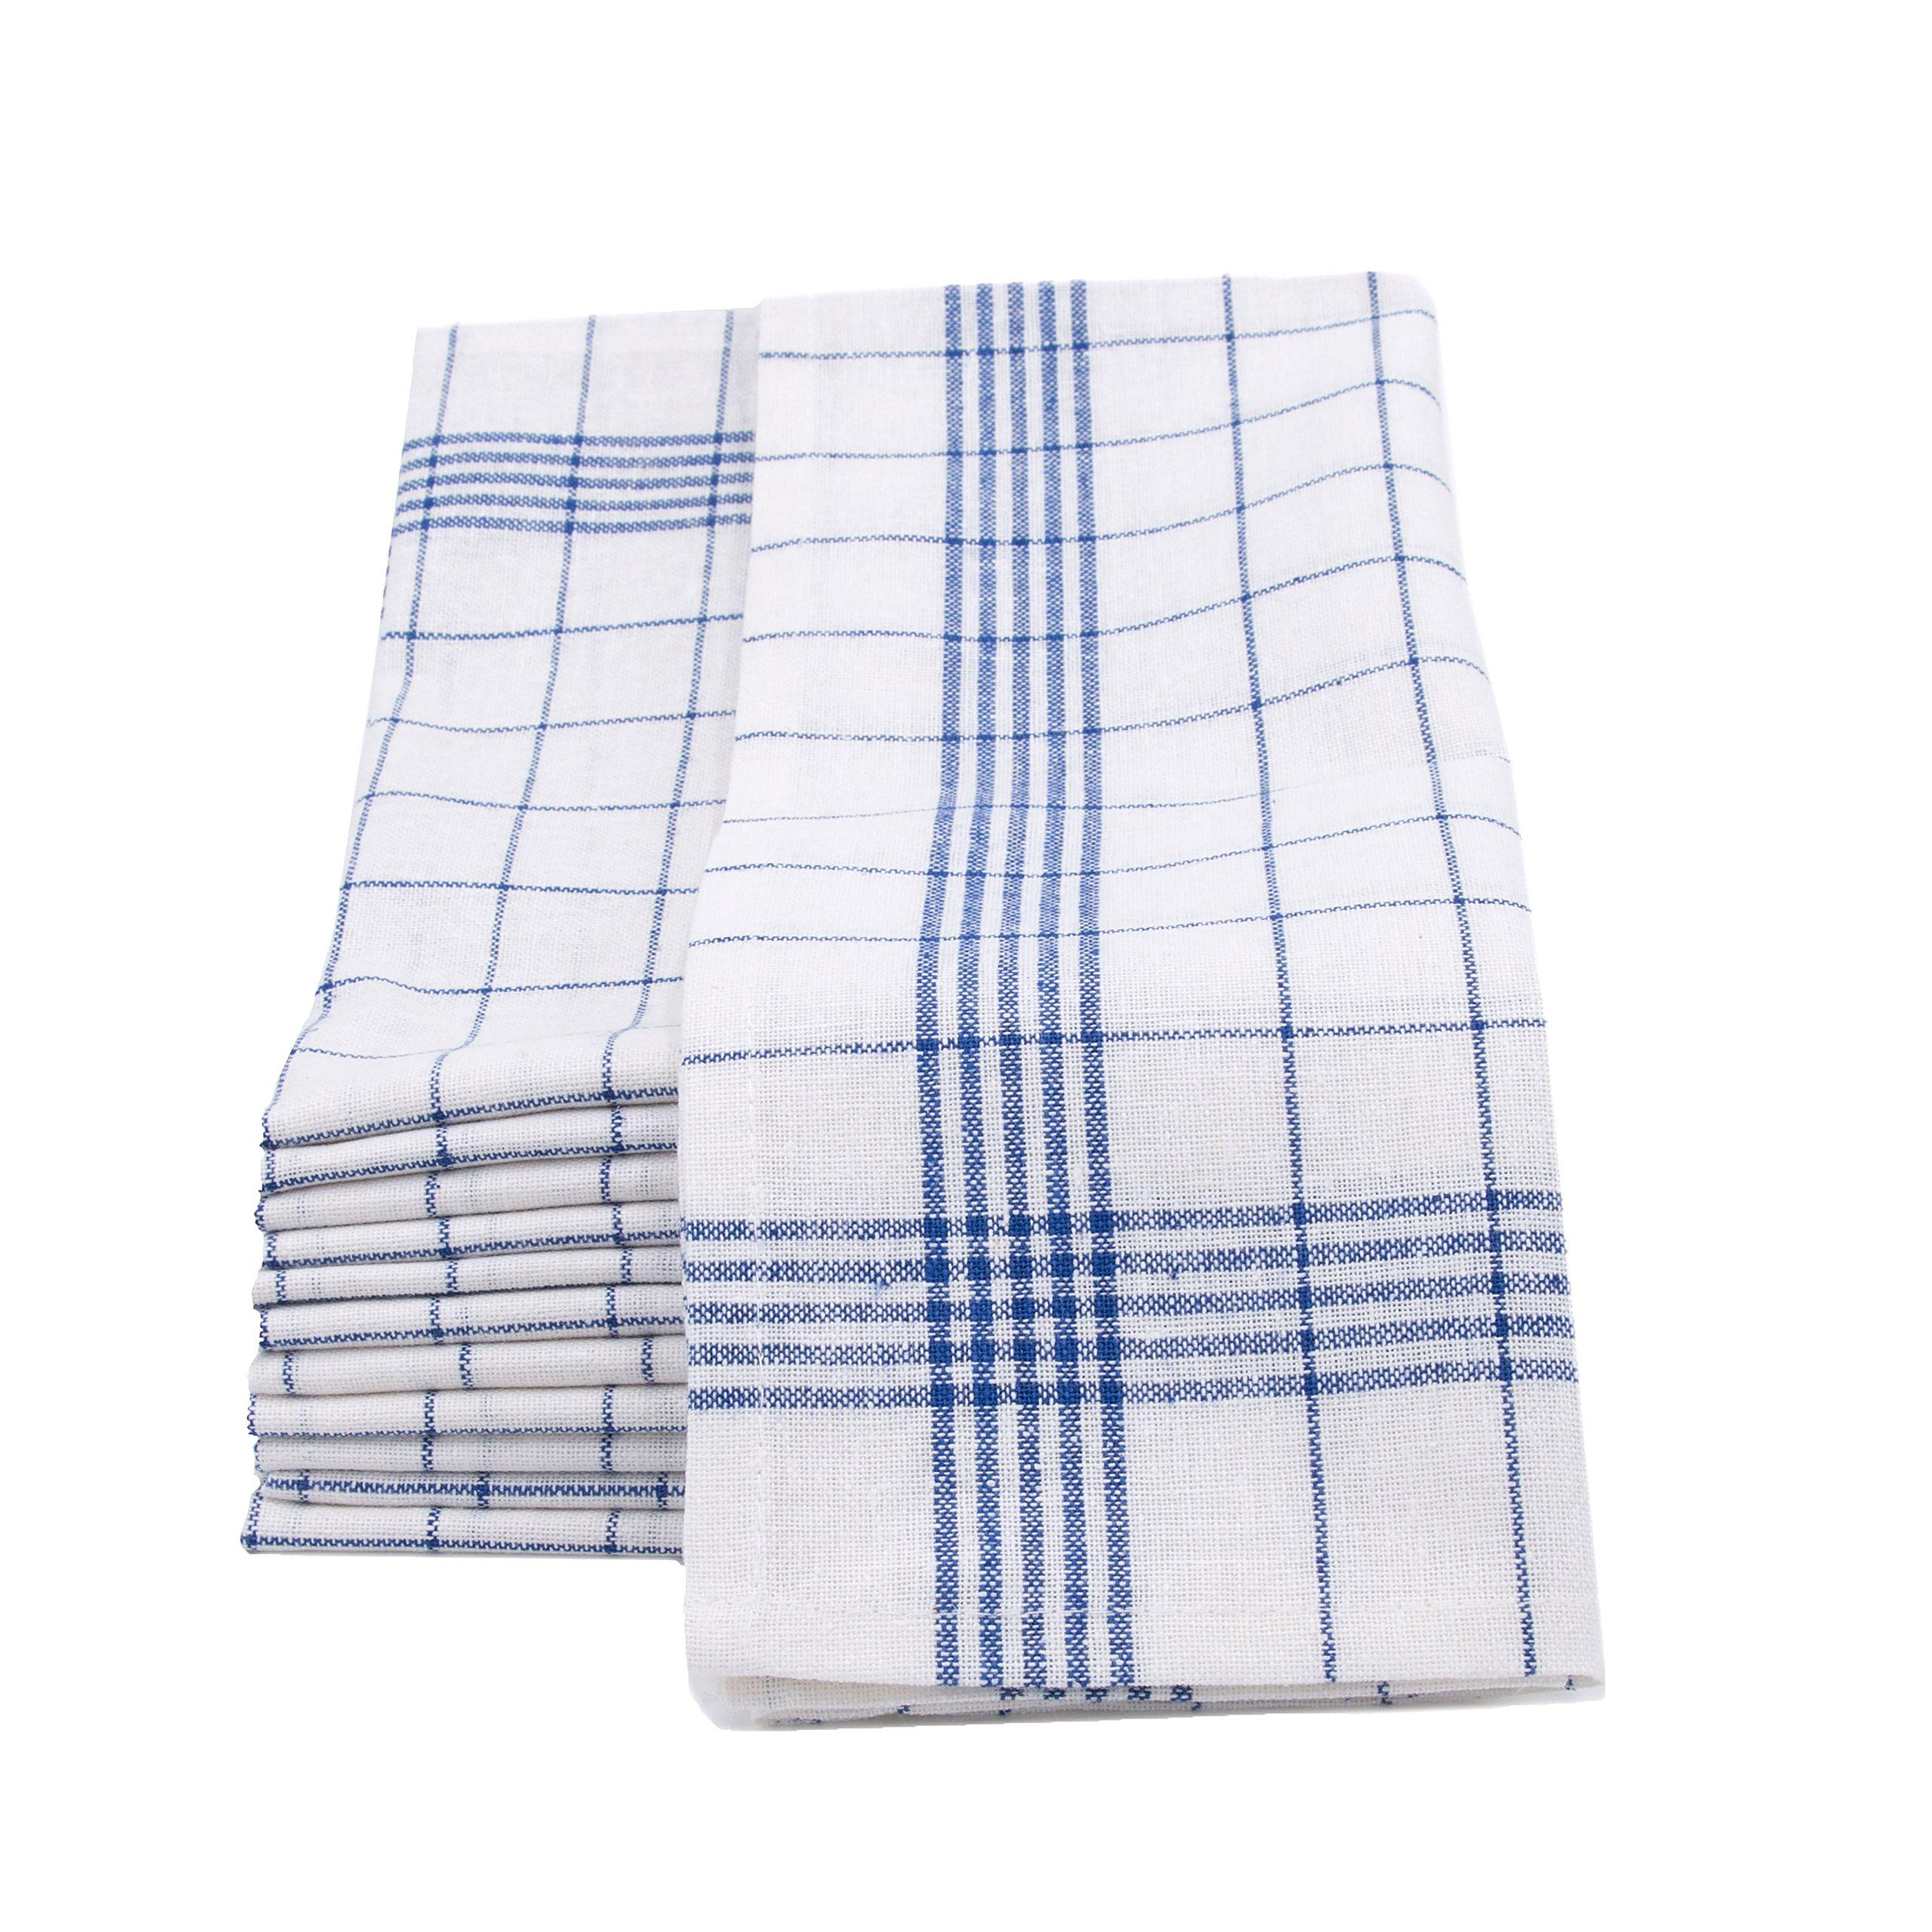 ZOLLNER 12 trapos de cocina lino y algodón, 50x70 cm, azules product image